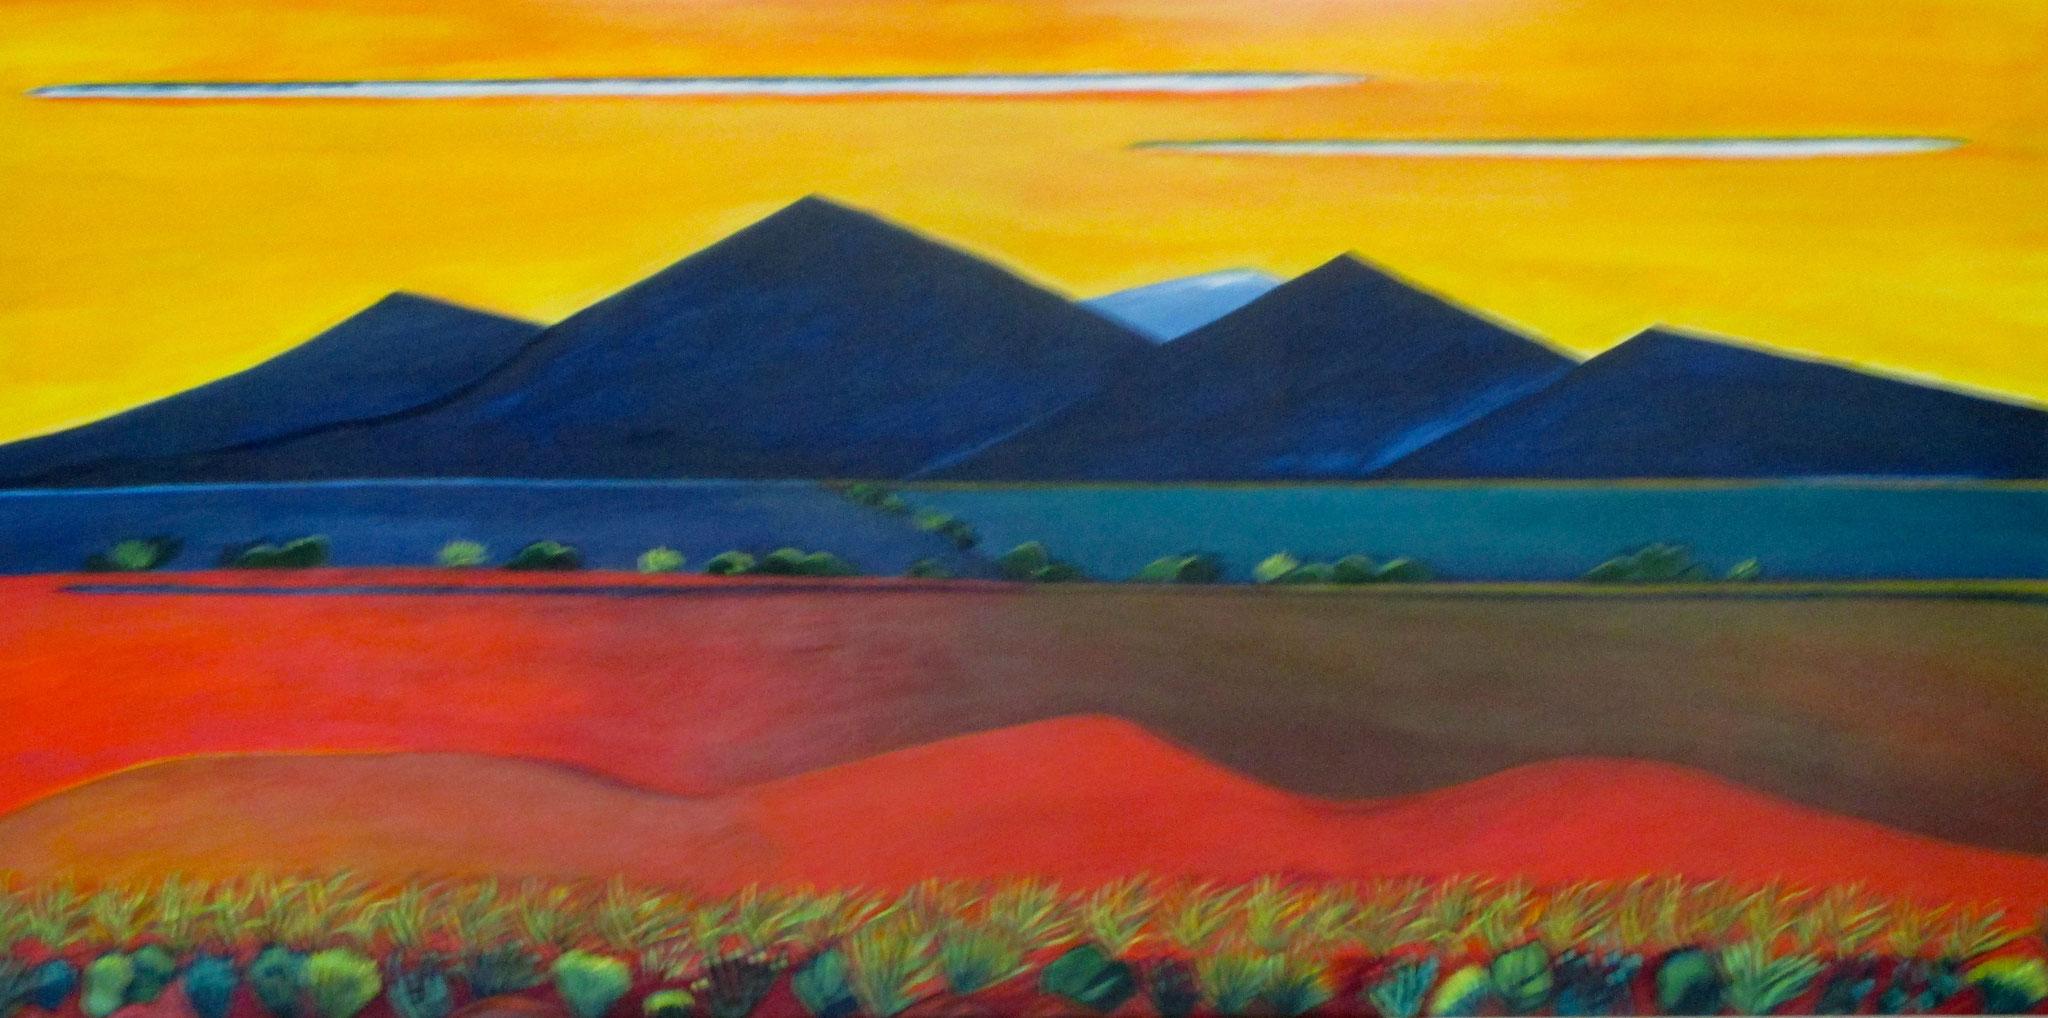 Tiera del Encantato, acrylic on canvas, 48 x 24, SOLD